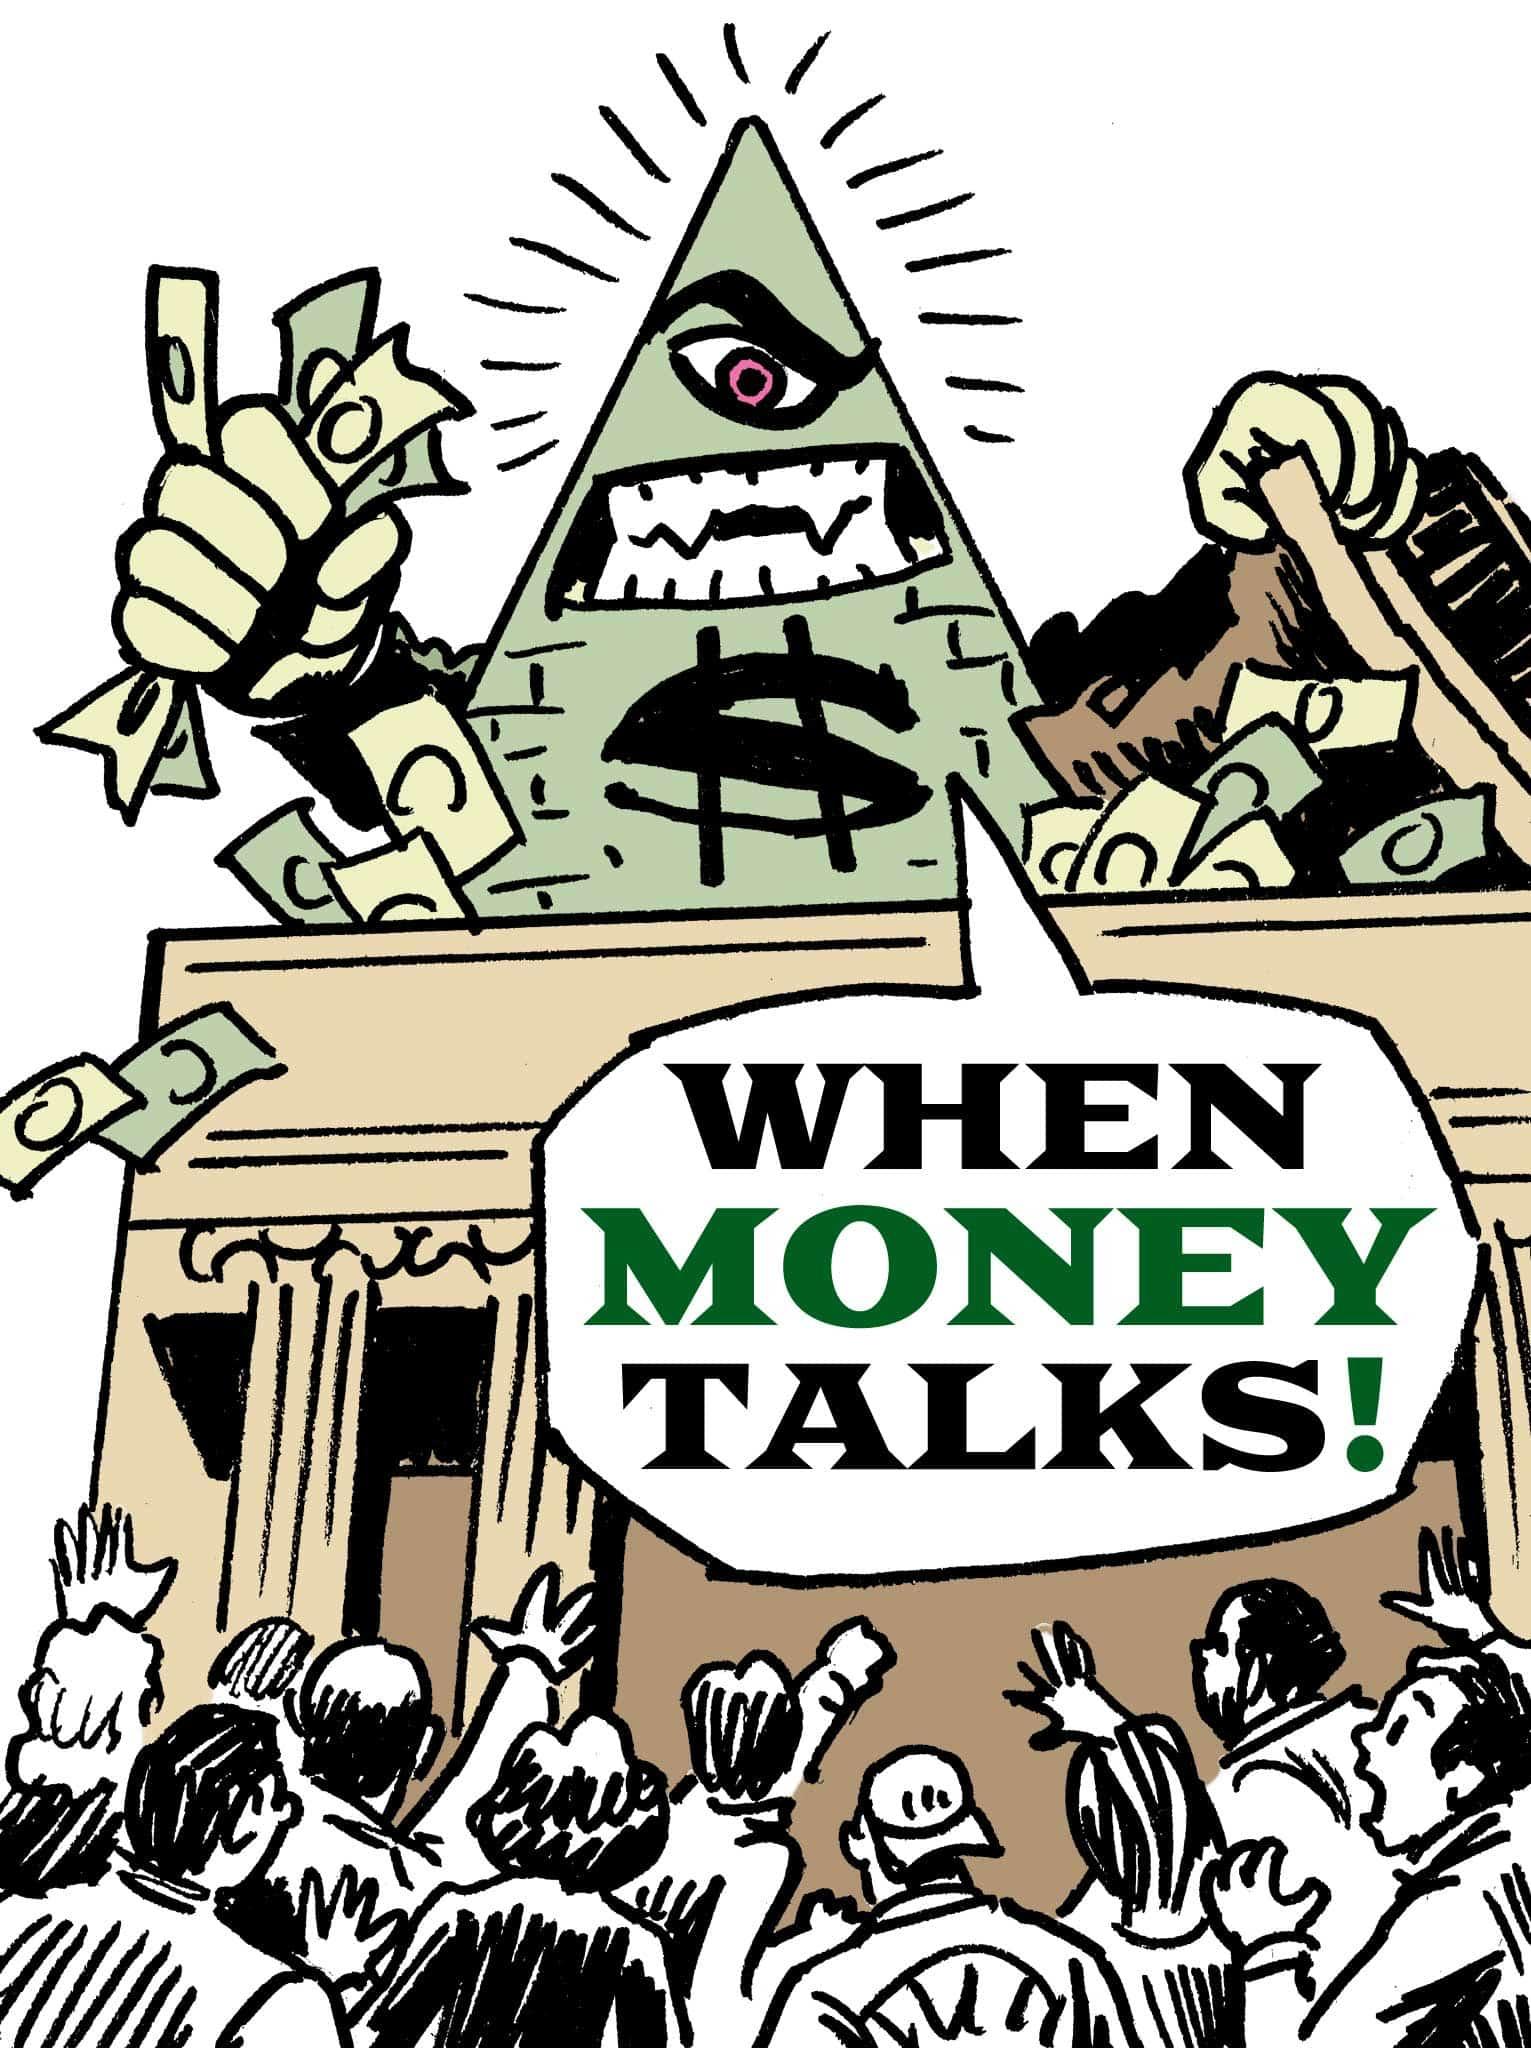 KH3138A-when-money-talks